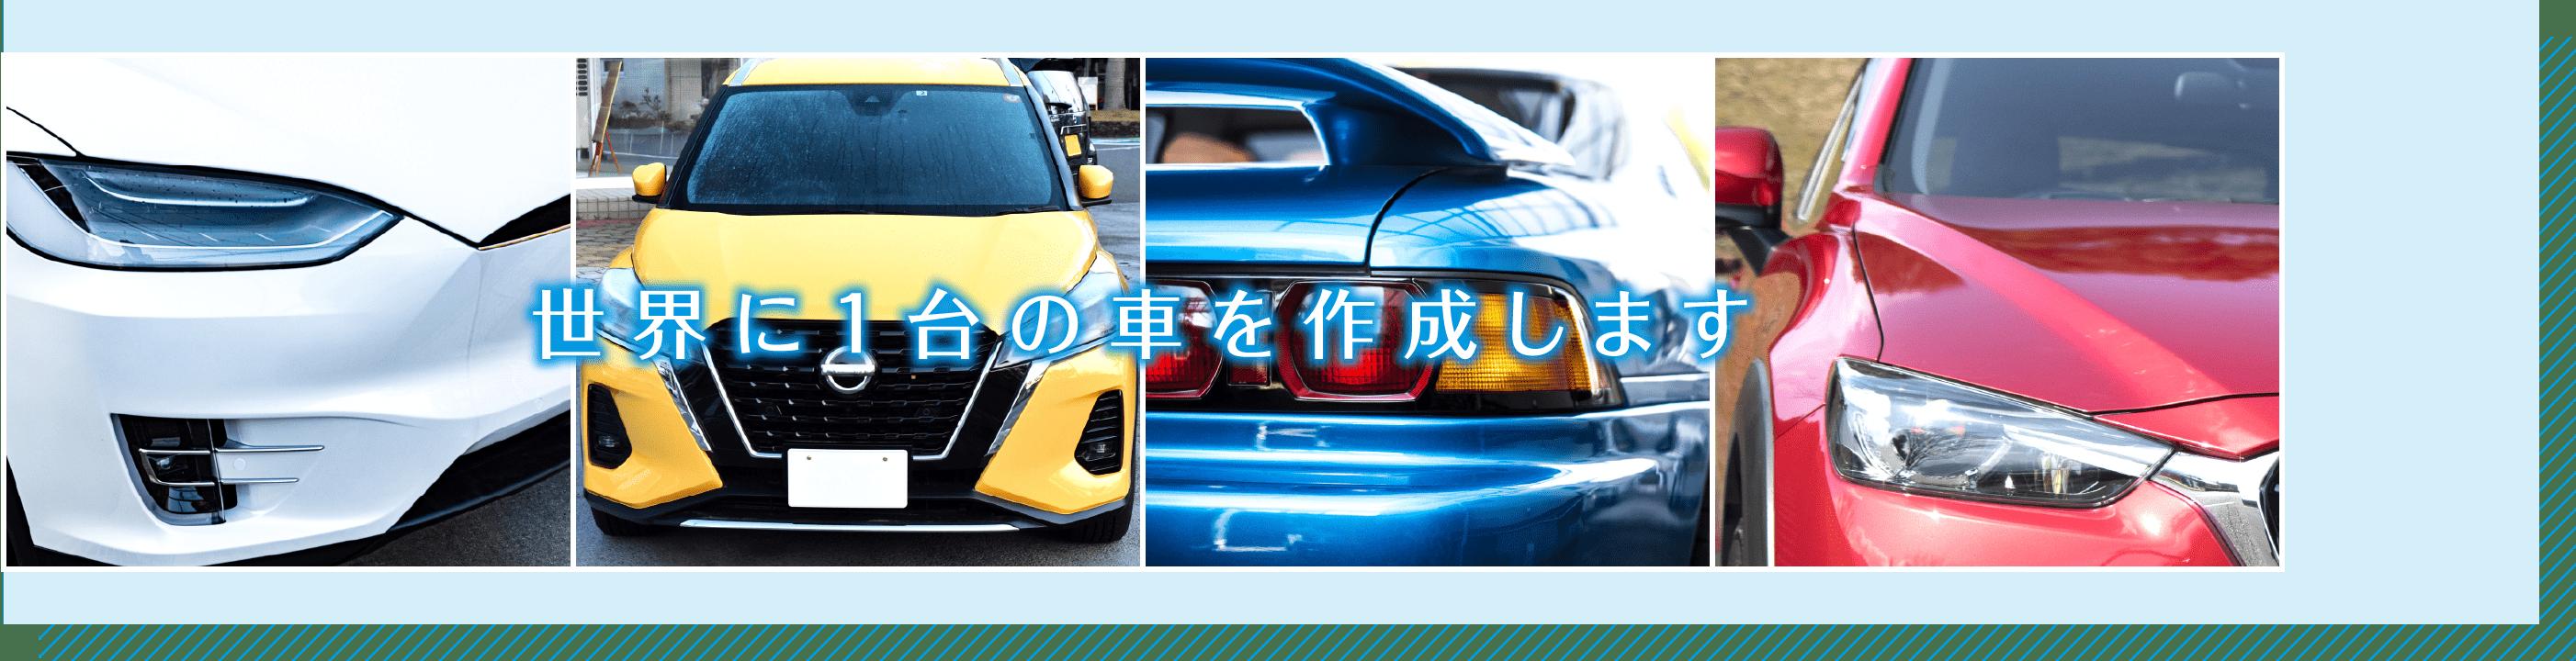 世界に1台の車を作成します